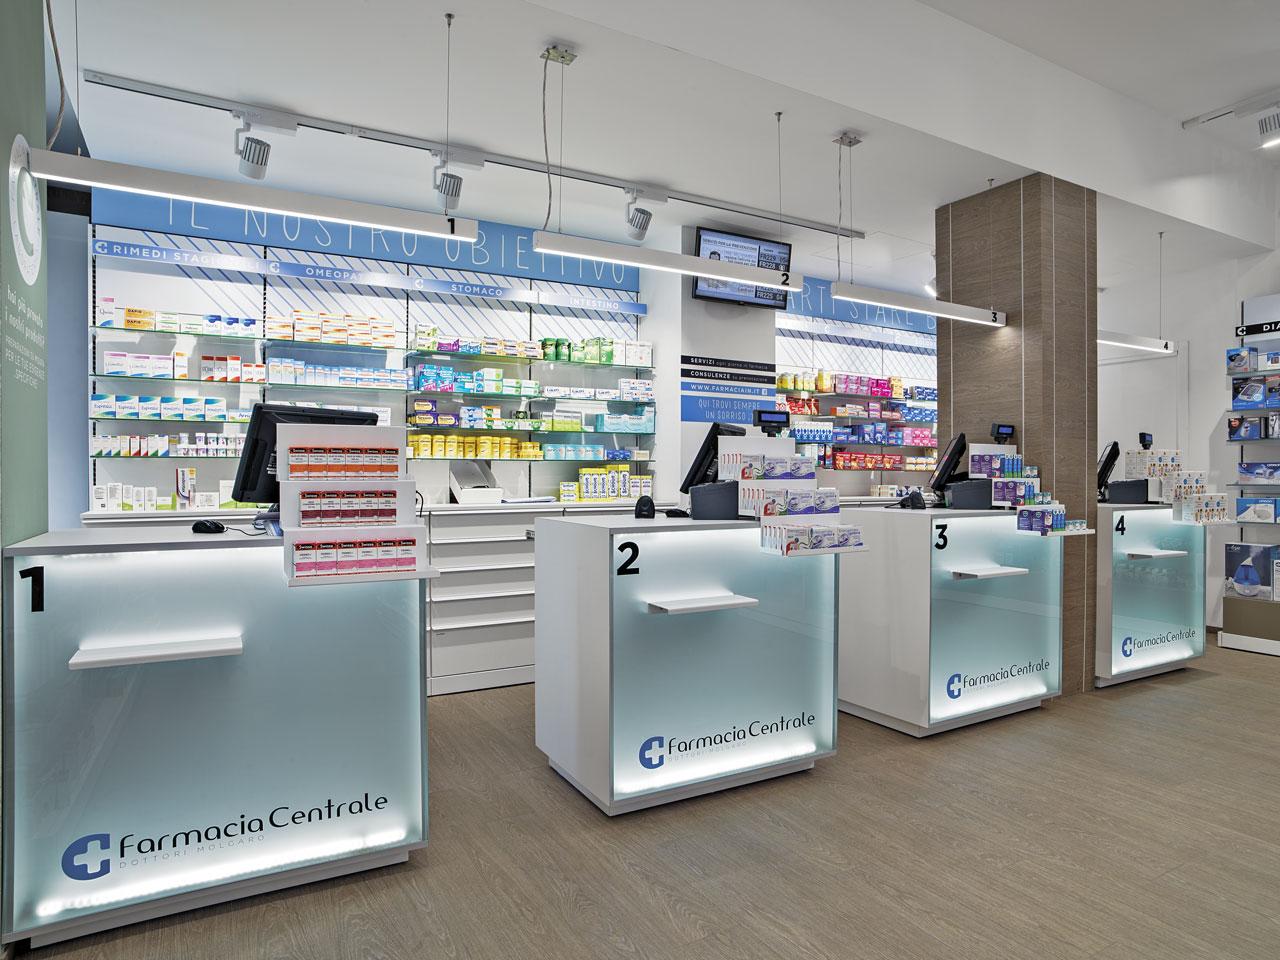 Banconi e scaffali arredati presso la Farmacia centrale di Brugherio in provincia di Monza